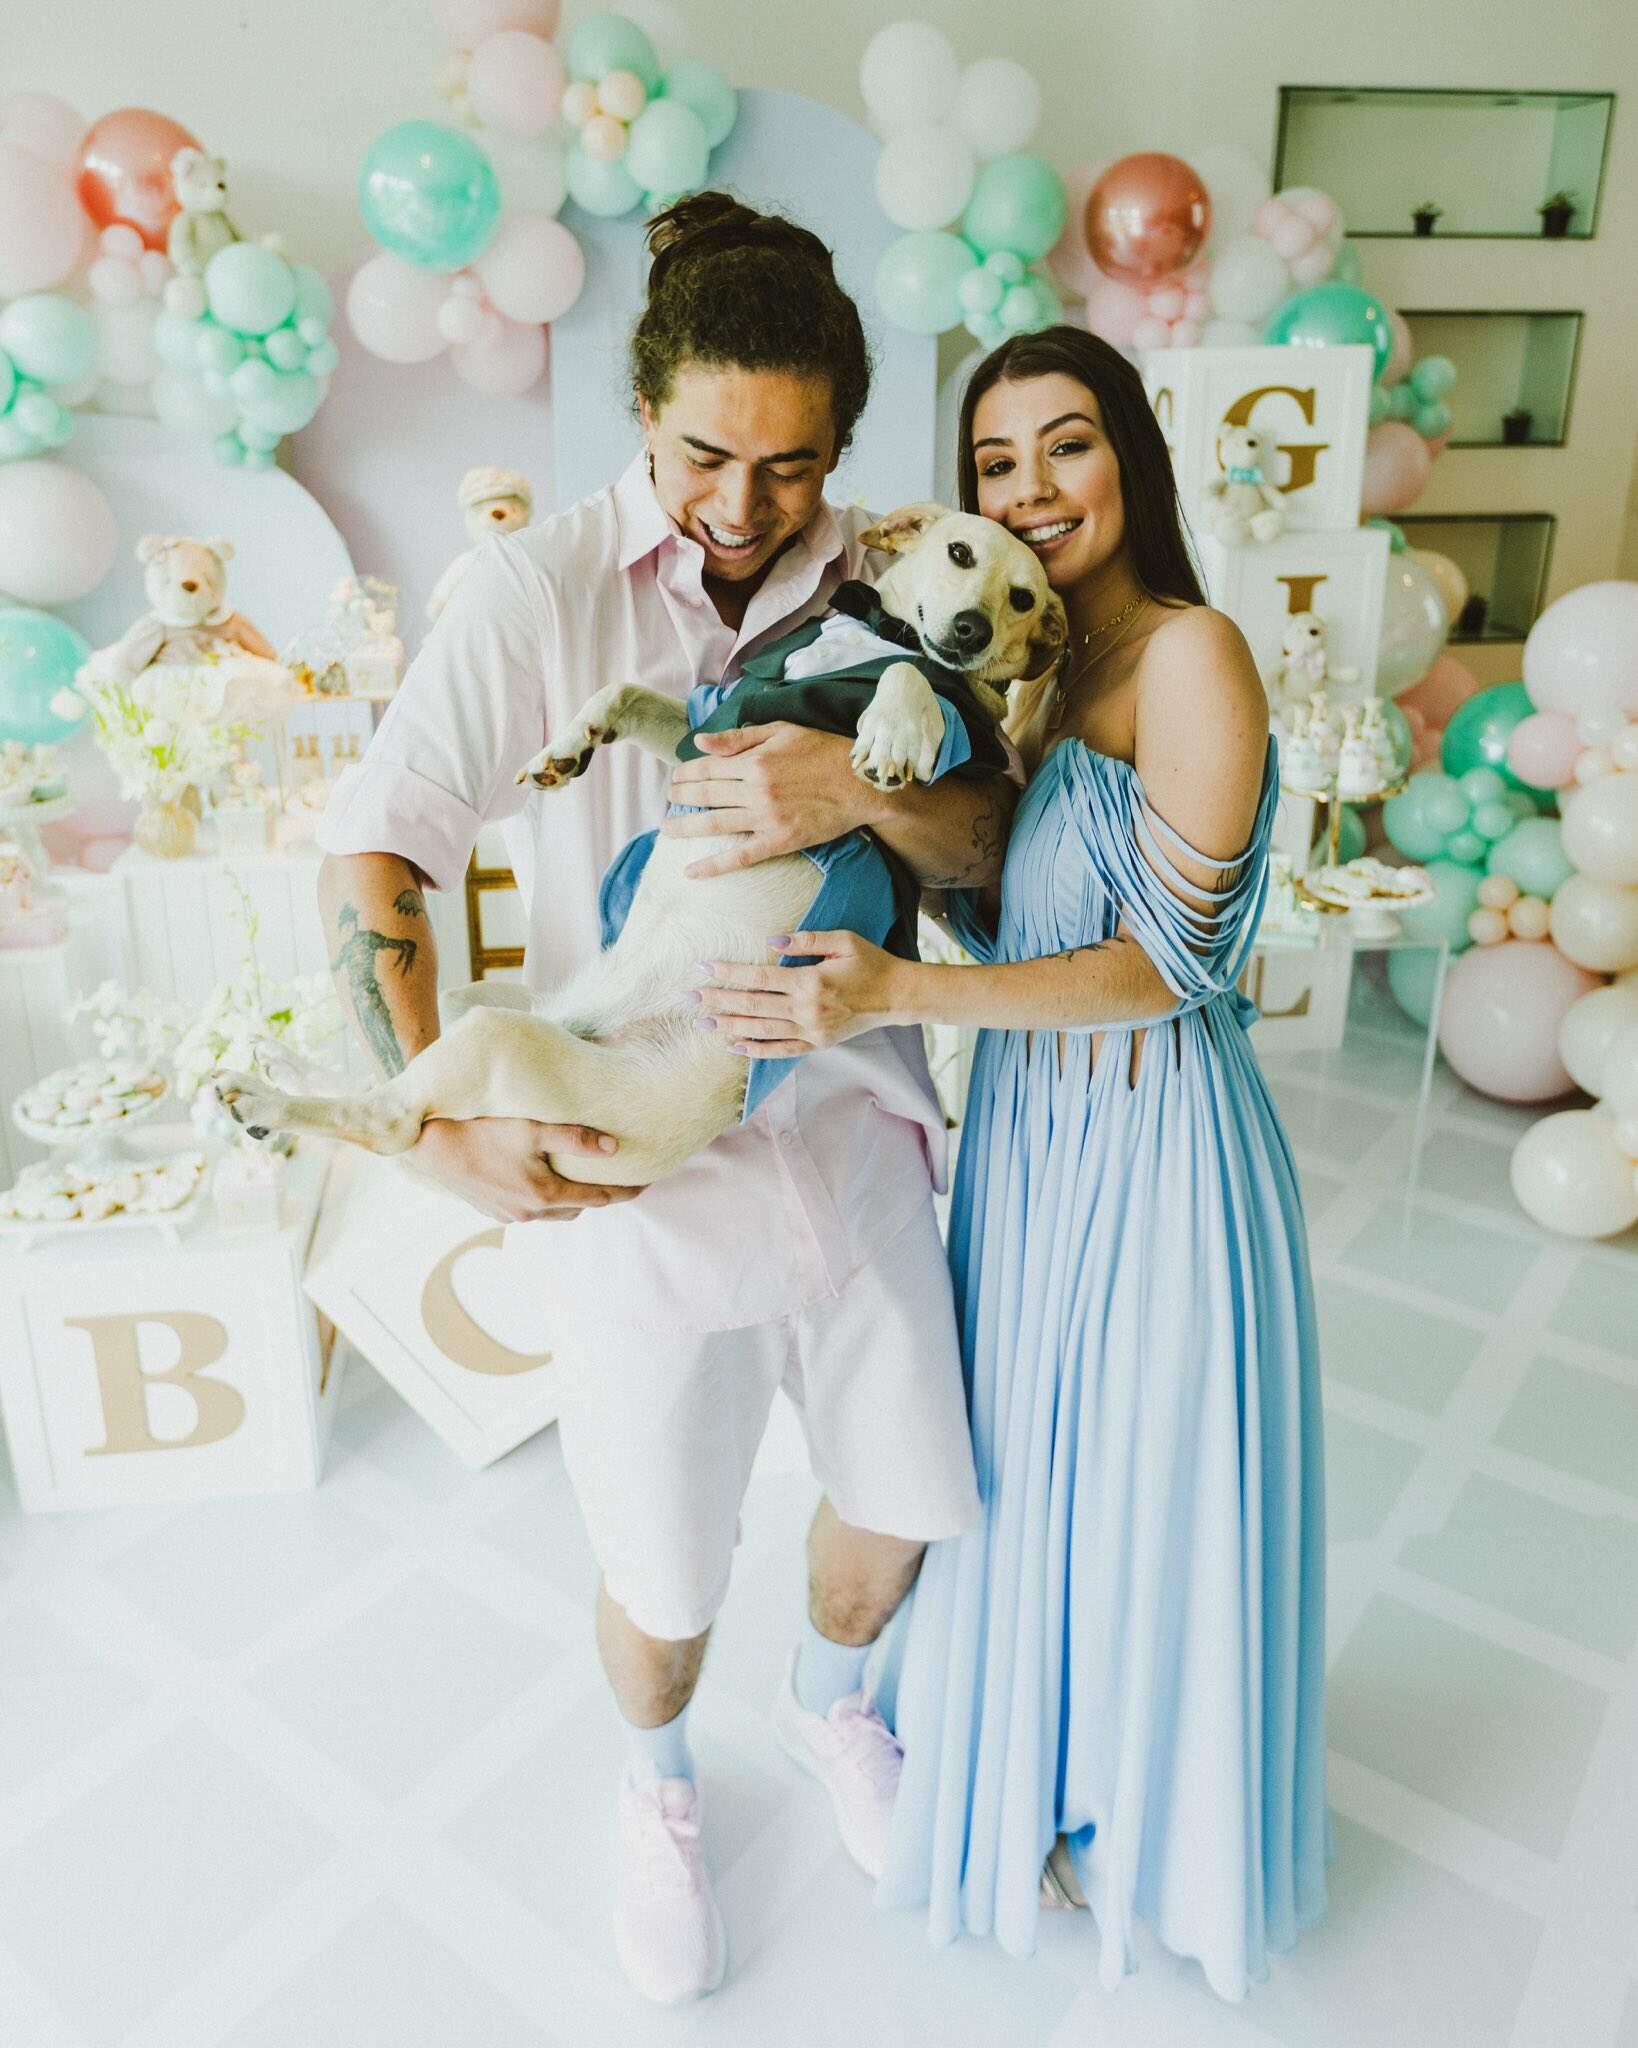 Whindersson Nunes e noiva descobrem que vão ter um menino